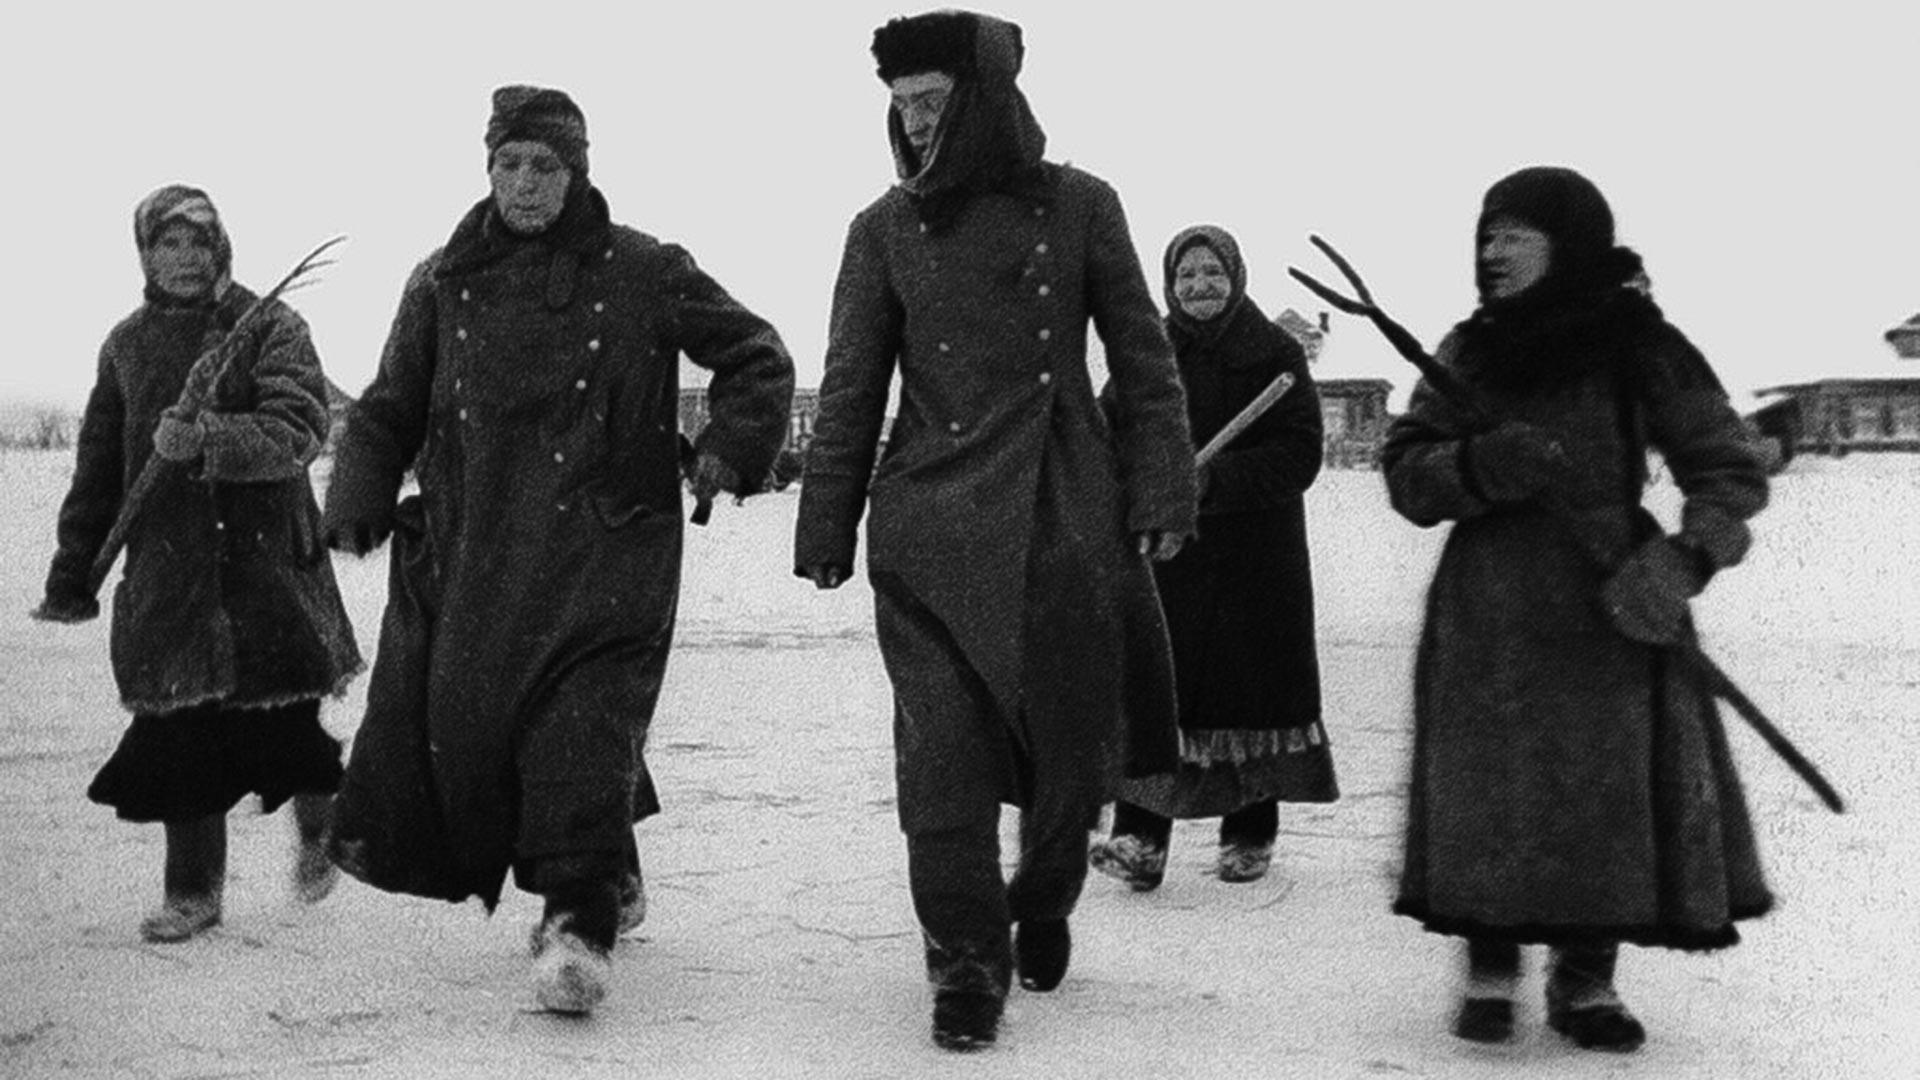 Moskovčanke z zajetima nemškima vojakoma pri Moskvi